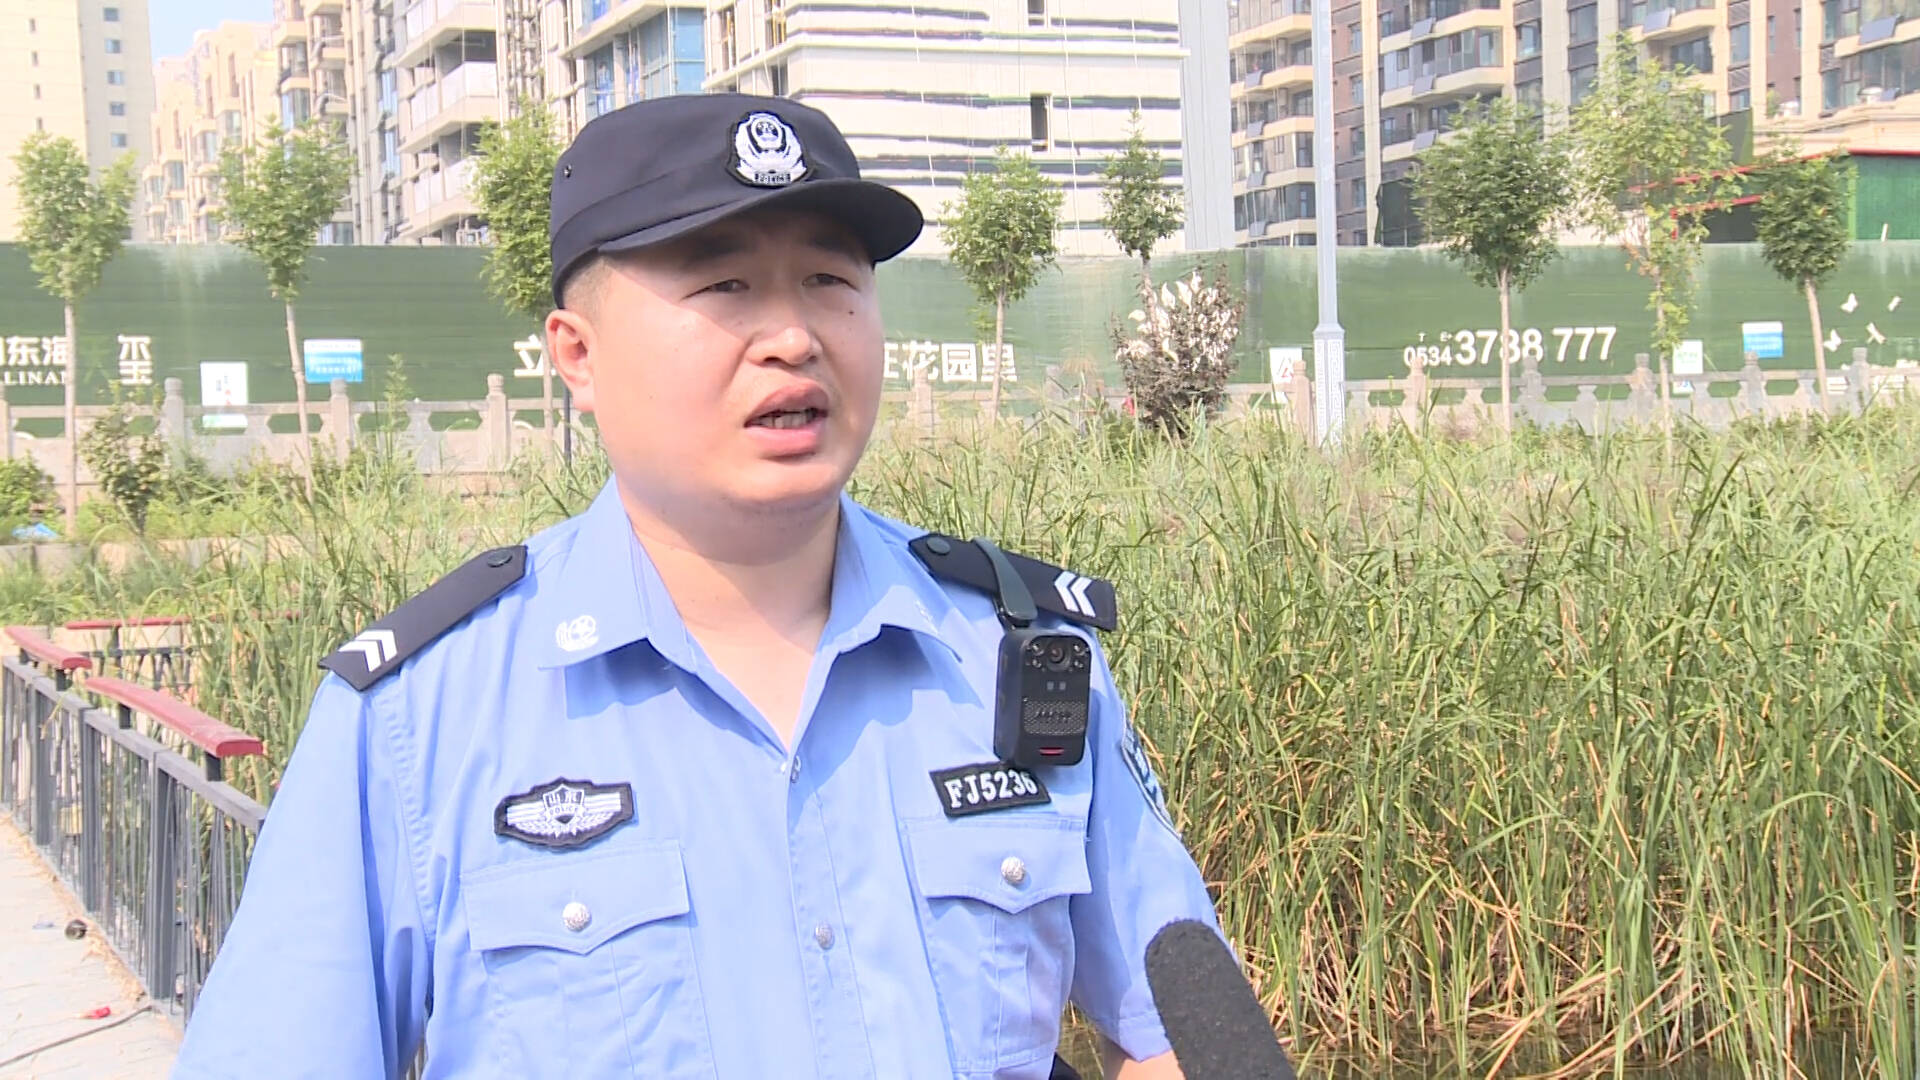 德州庆云:老人落水命悬一线,辅警跳湖紧急救援